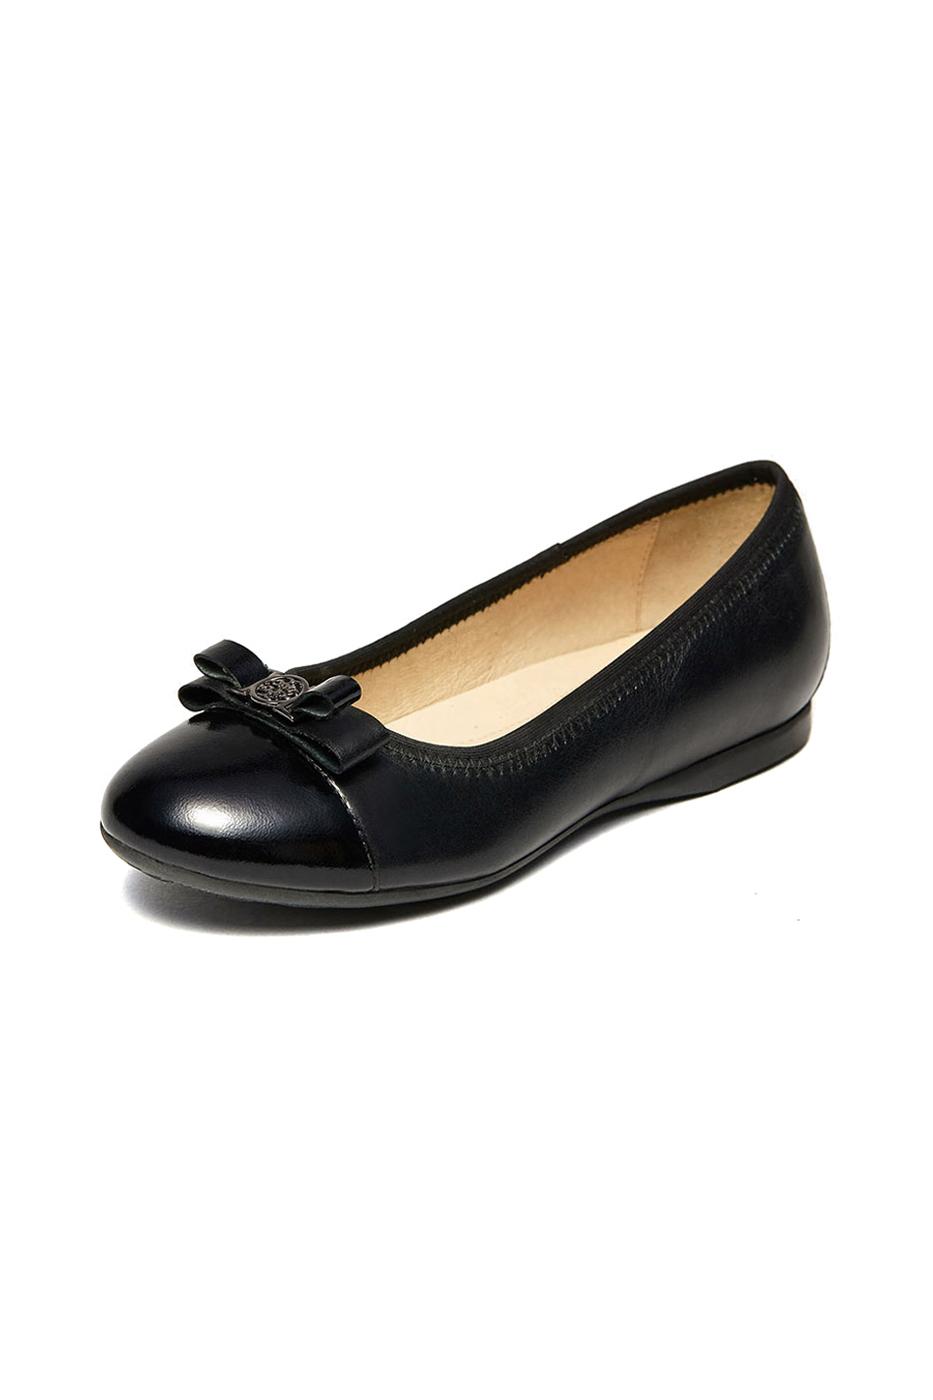 Купить 659101ЧЛ, Балетки детские Ralf Ringer, цв. черный, р-р 36, Детские туфли